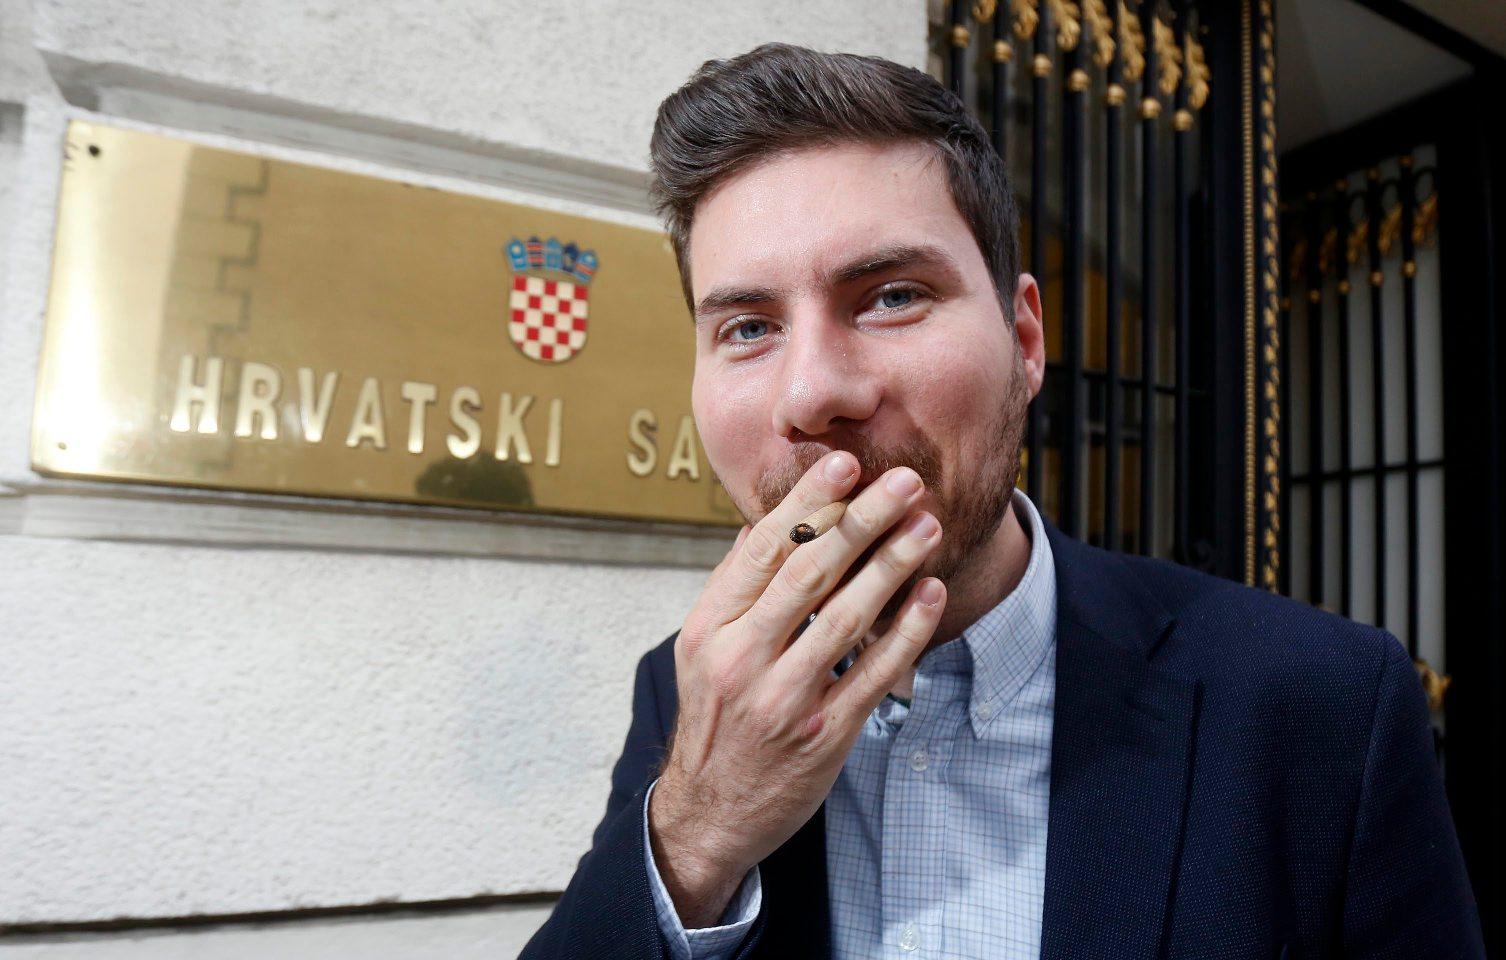 Zastupnik Ivan Pernar sa smotanom cigaretom ispred ulaza u Sabor RH